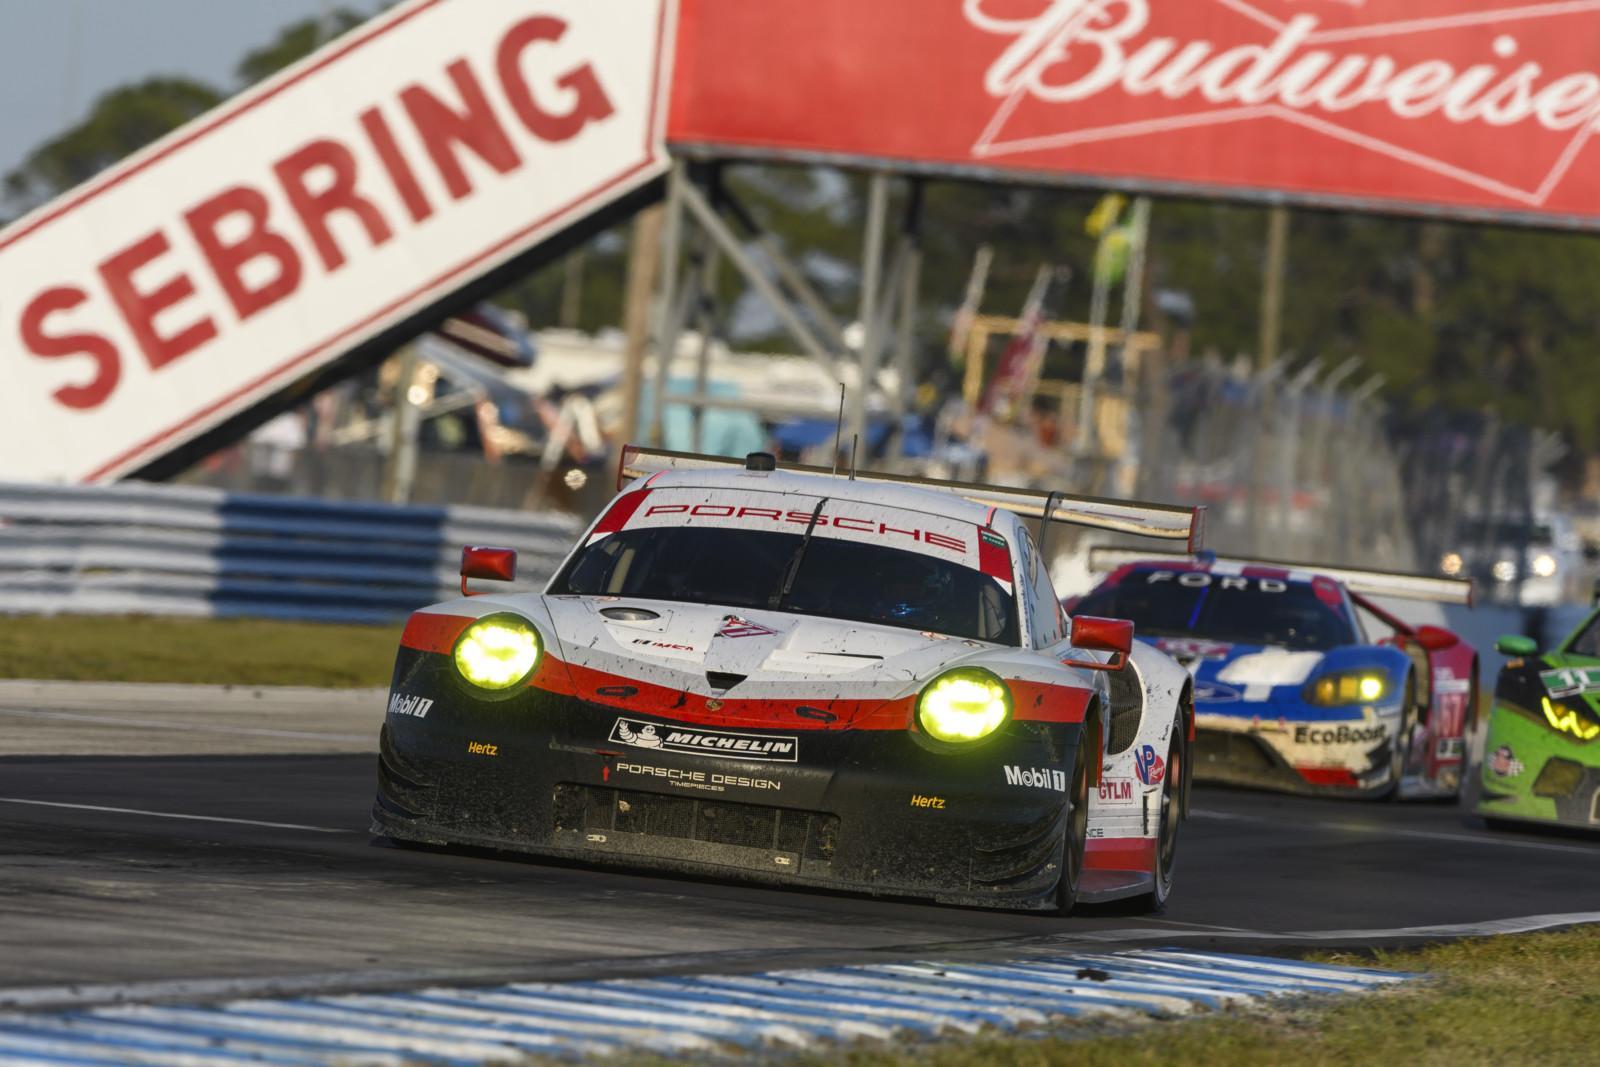 M17 0656 fine - La malchance prive Porsche du podium aux 12 heures de Sebring